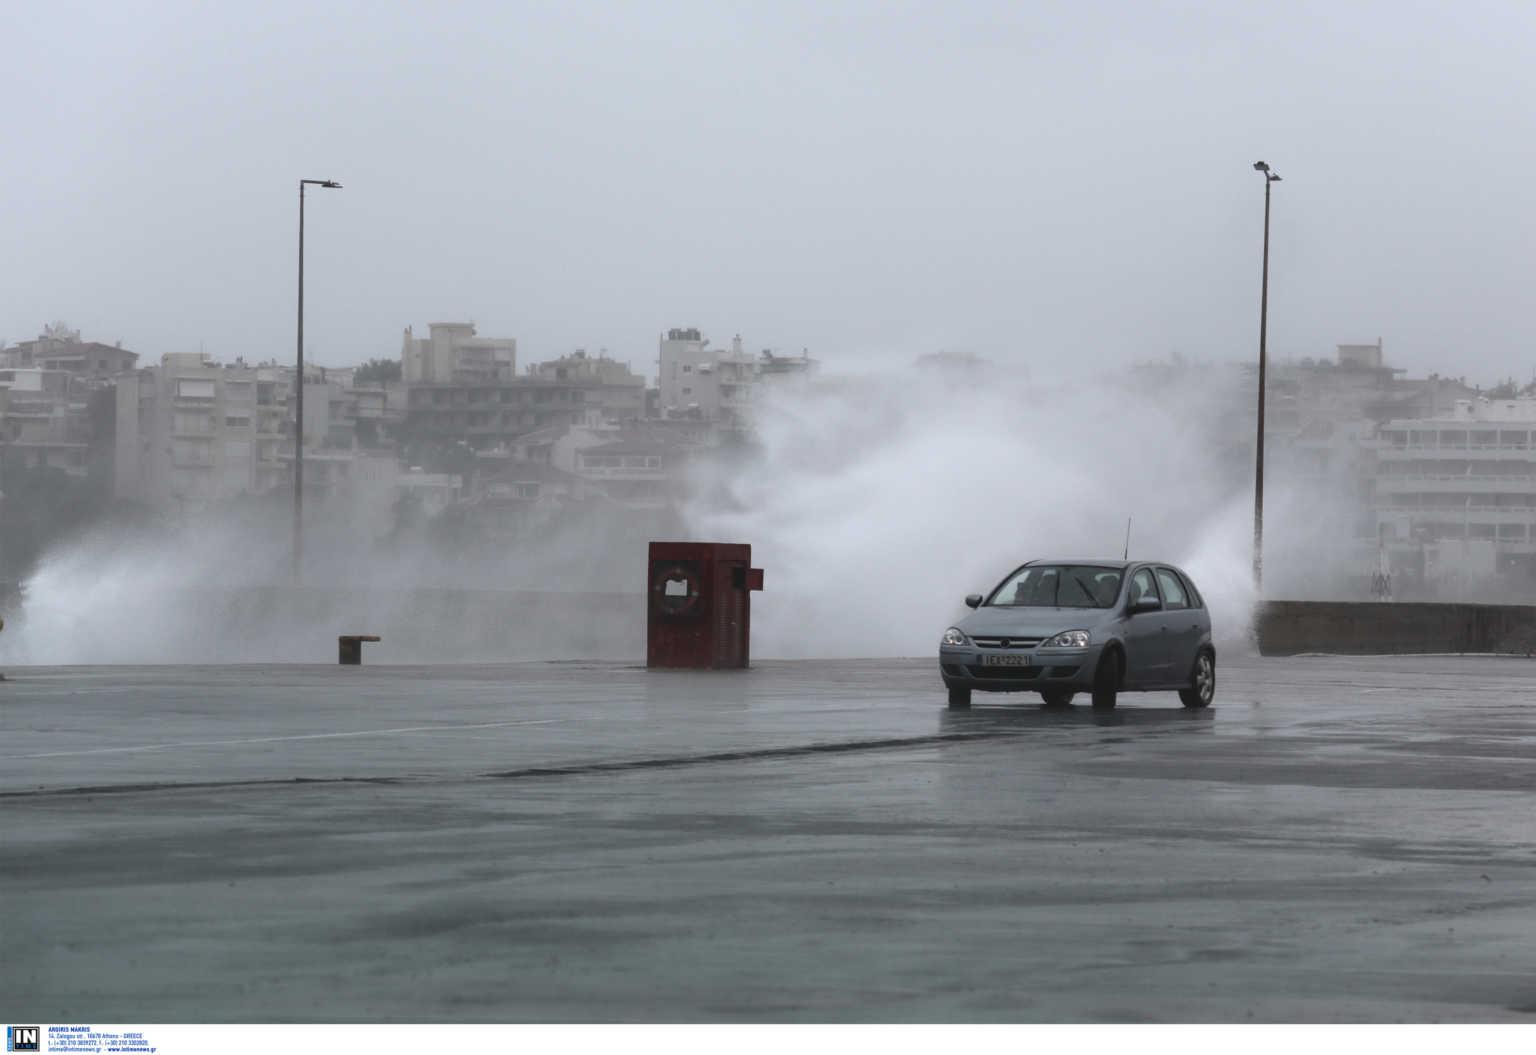 Καιρός αύριο: Επιδείνωση με καταιγίδες θυελλώδεις ανέμους και χιόνια